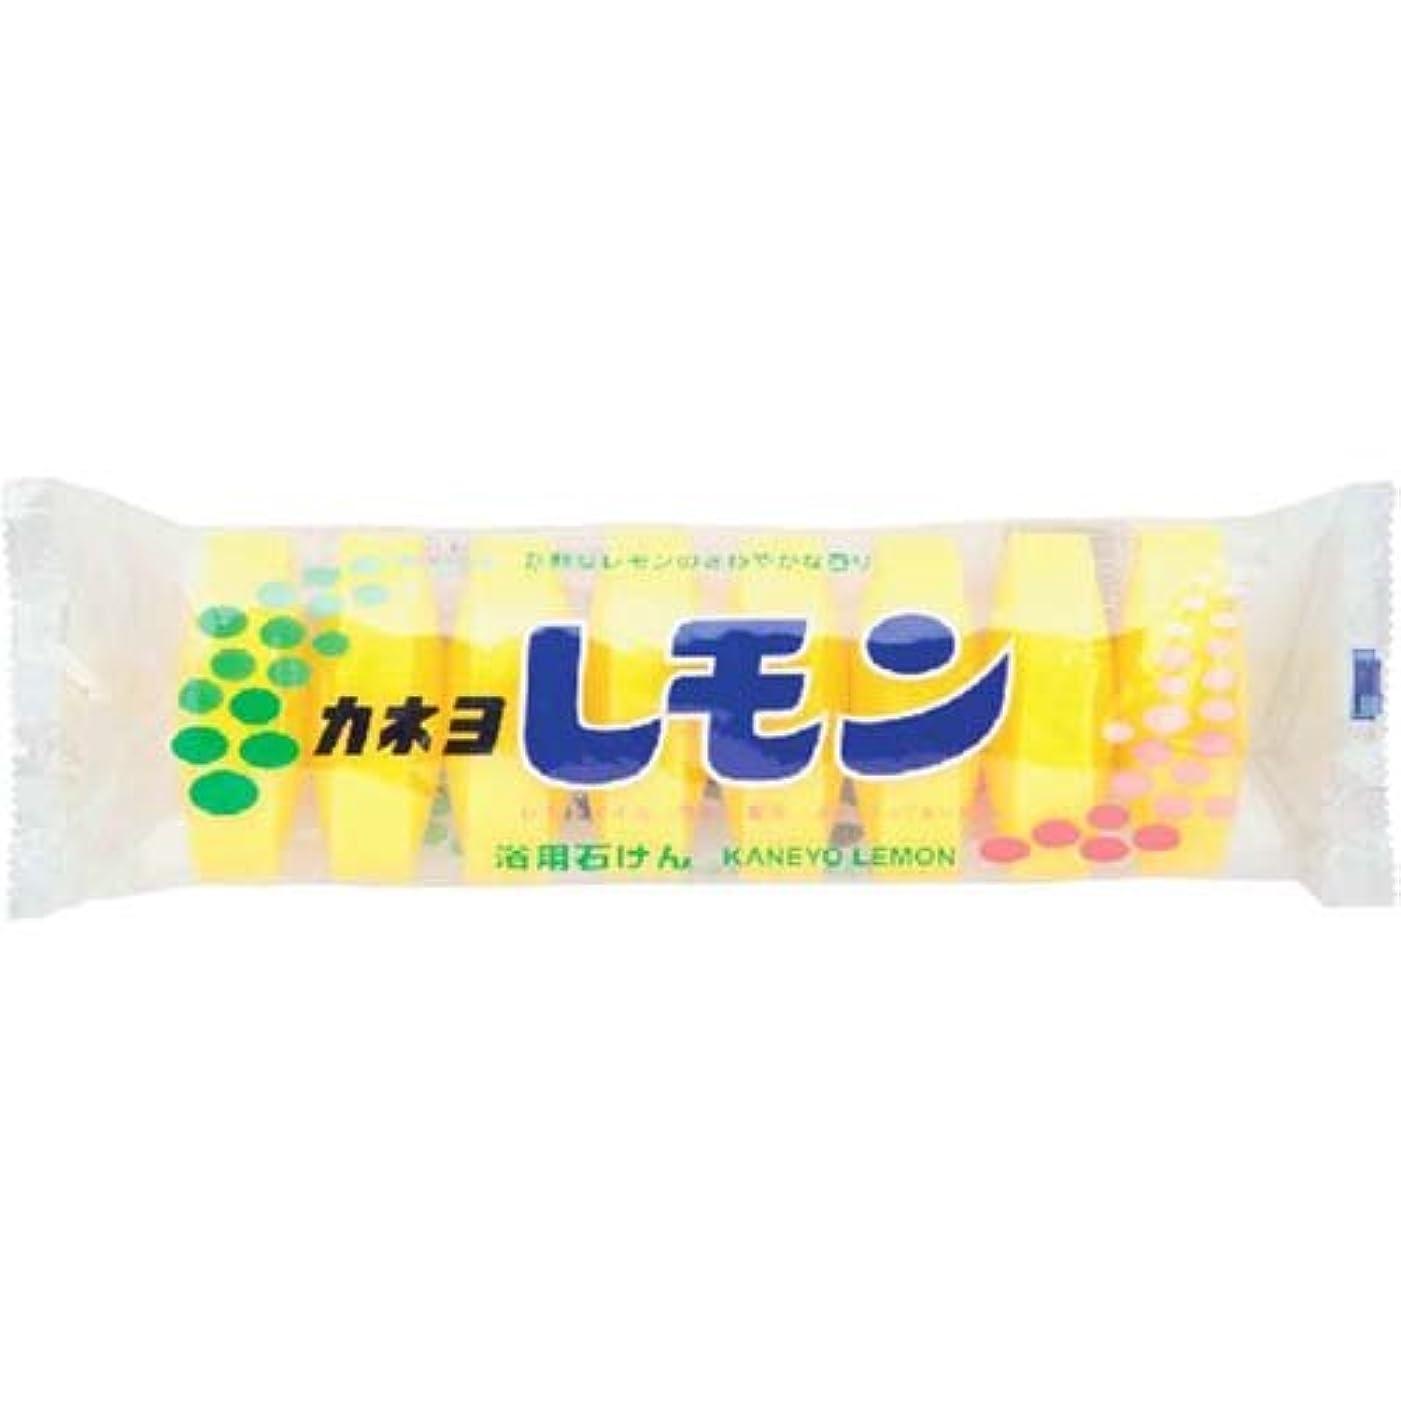 優先権発行する前置詞カネヨ レモン石鹸 8個